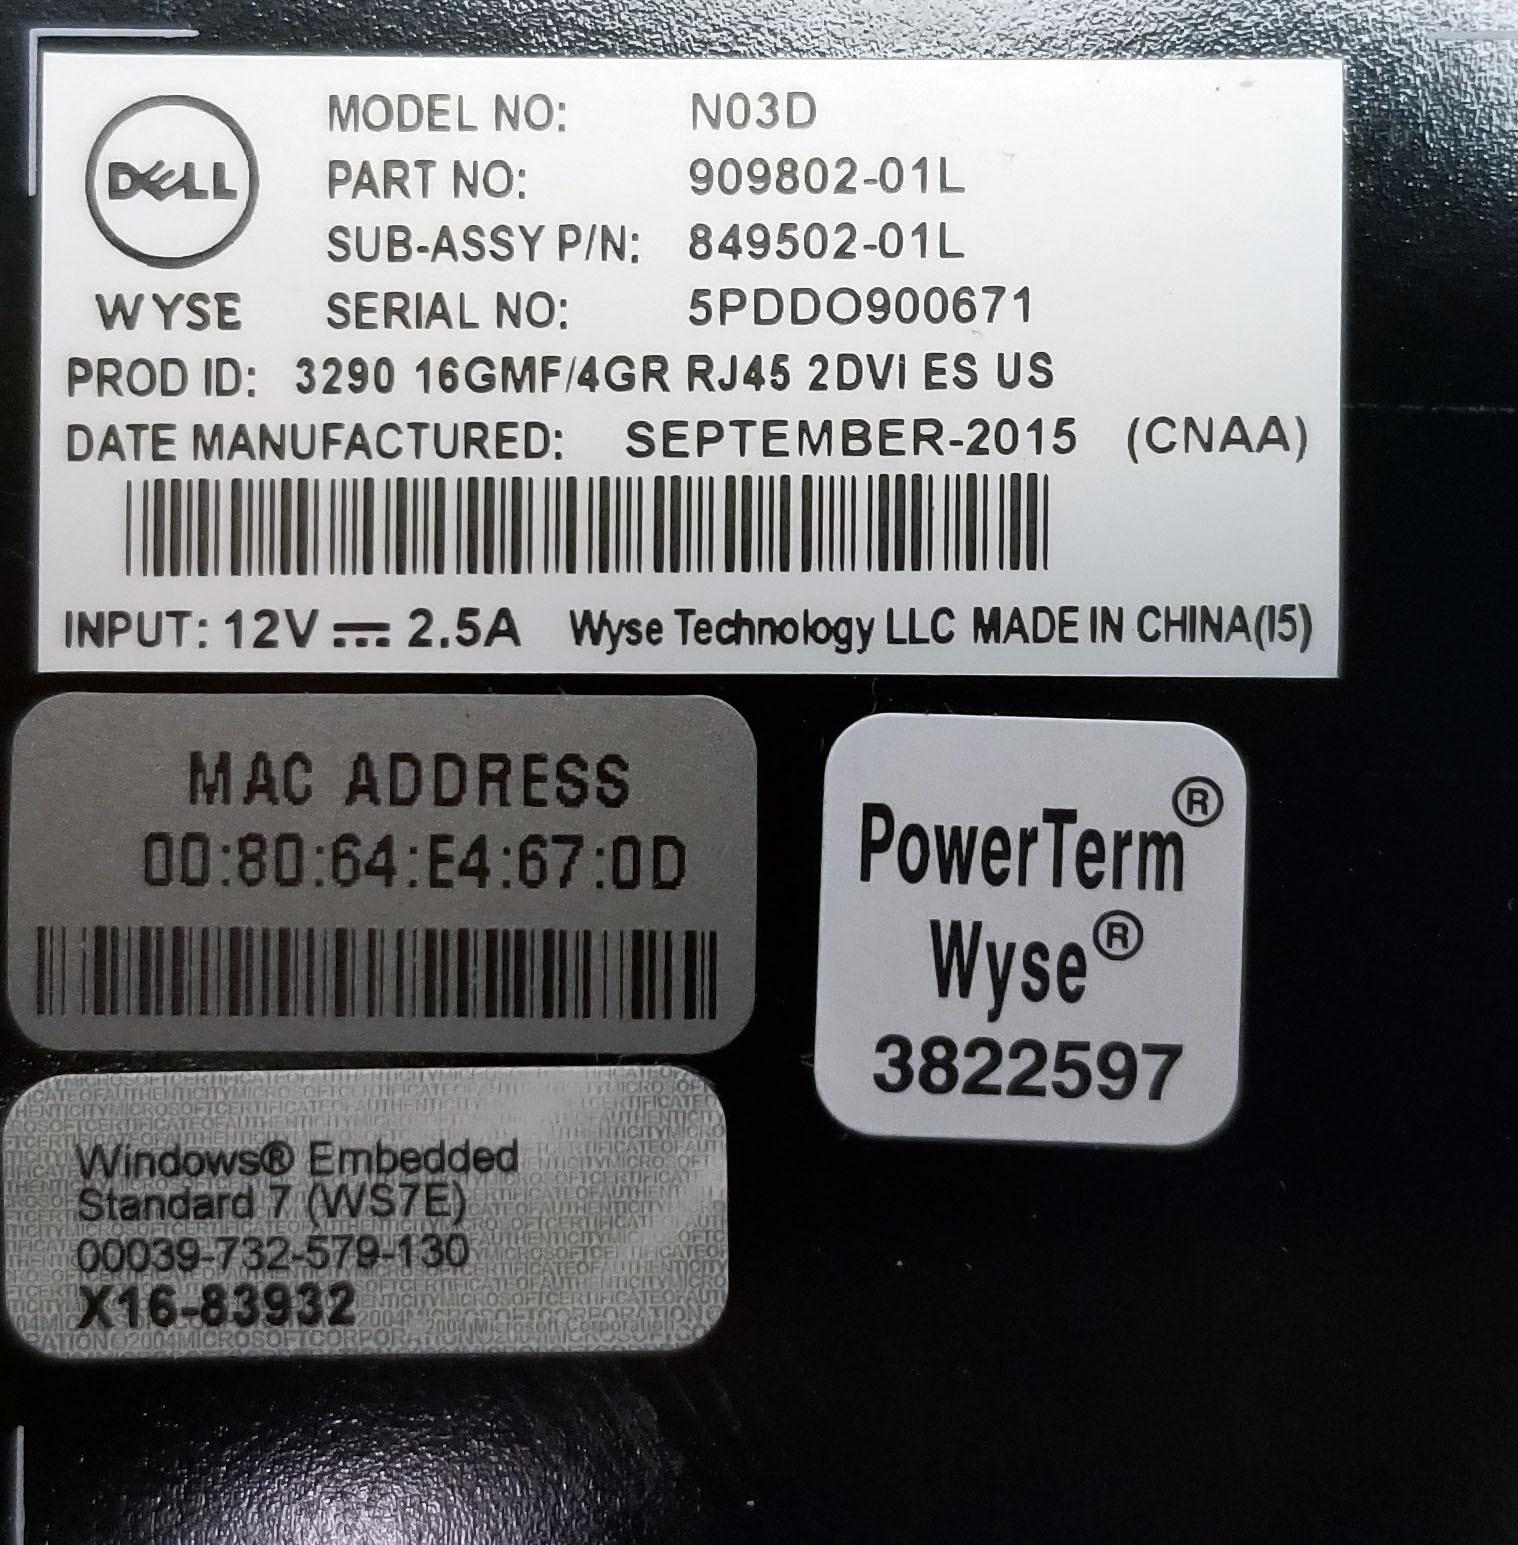 Dell Wyse N03D Thin Client (Celeron 1.58GHz Dual Core 16GB SSD, 4GB DDR3) Bin:5